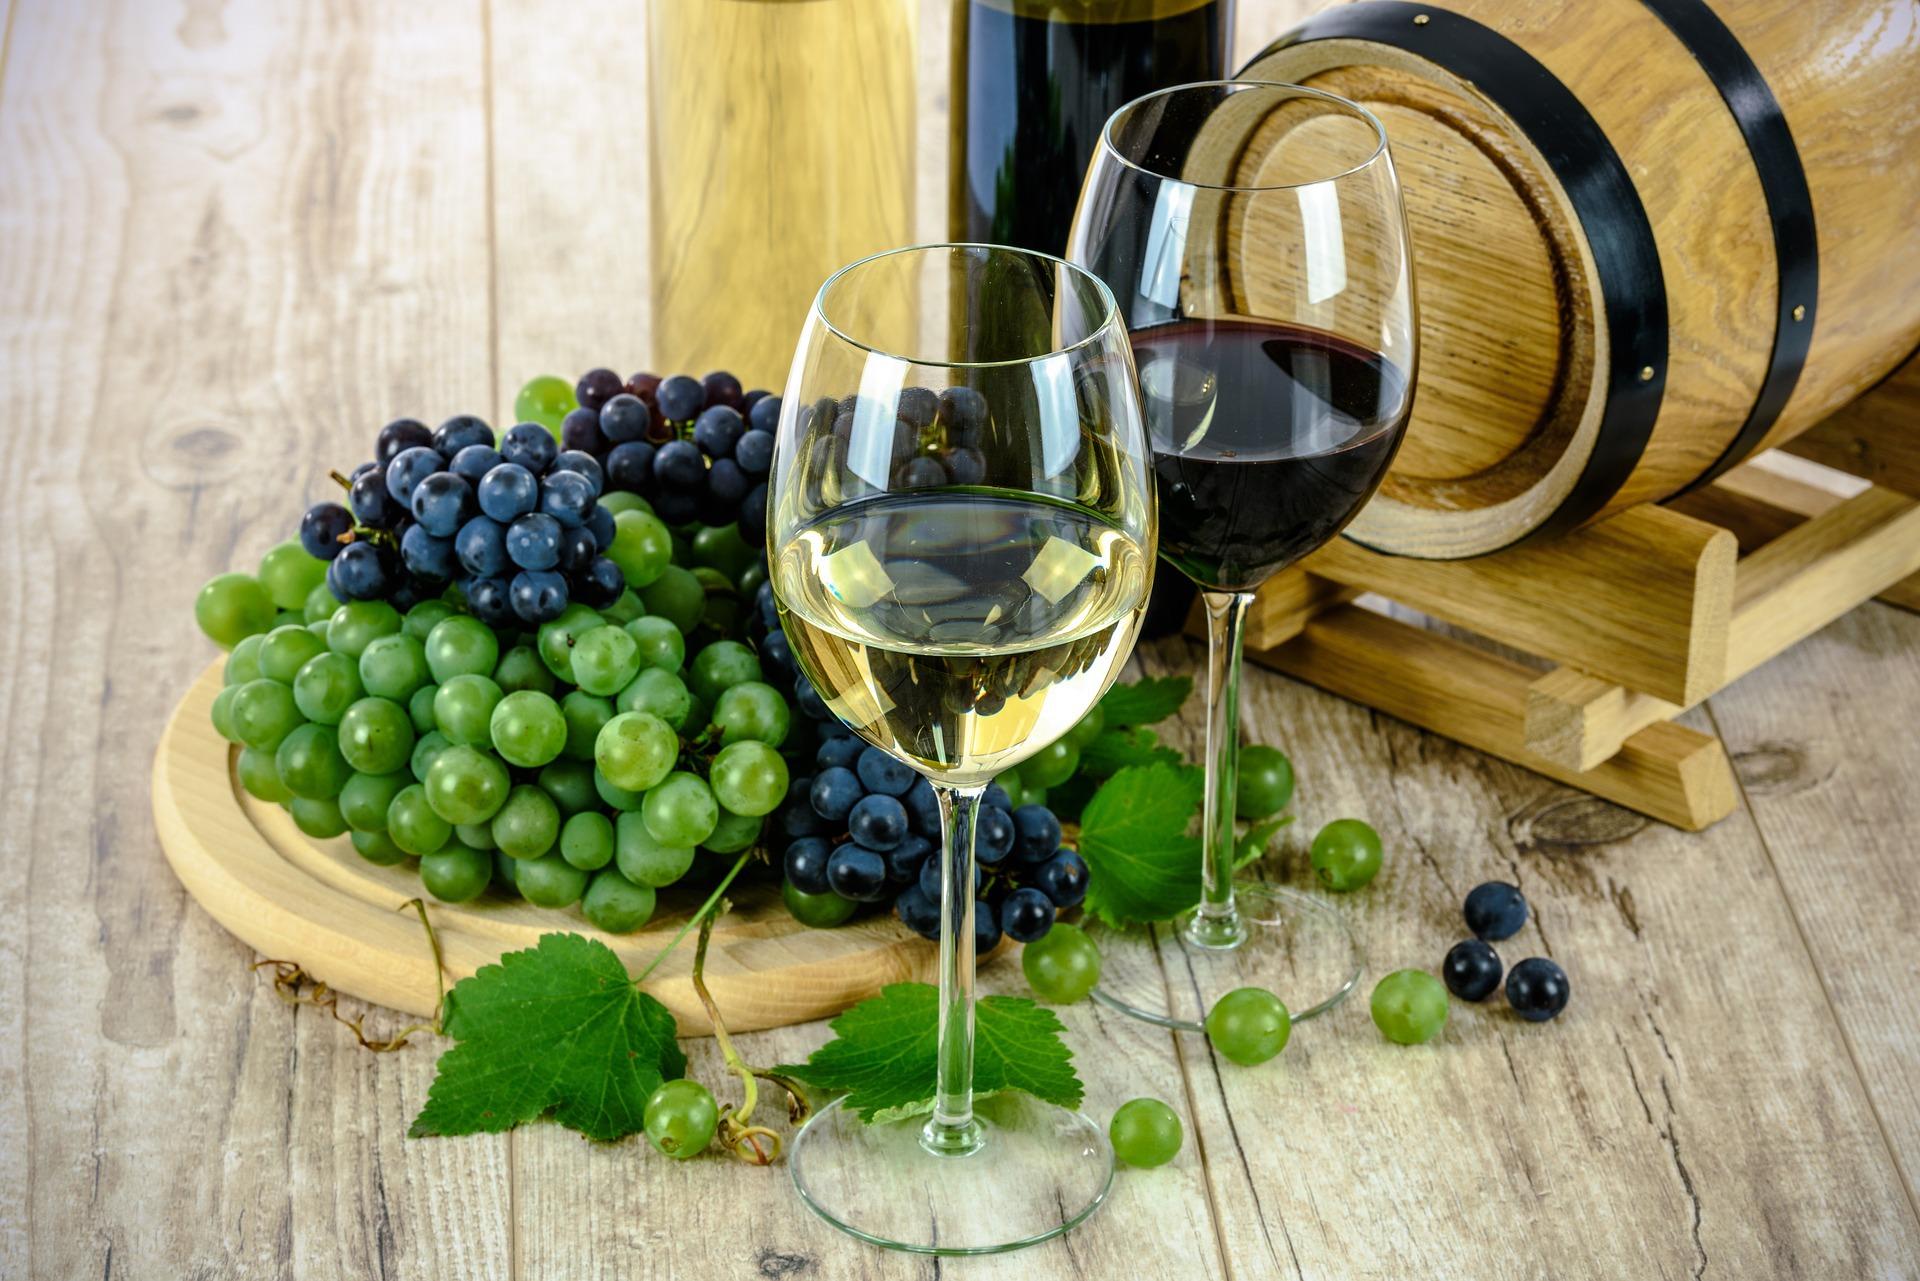 Wijn Bewaren Huis : Checklist voor het maken van jouw eigen wijn! wijnenkoning.nl